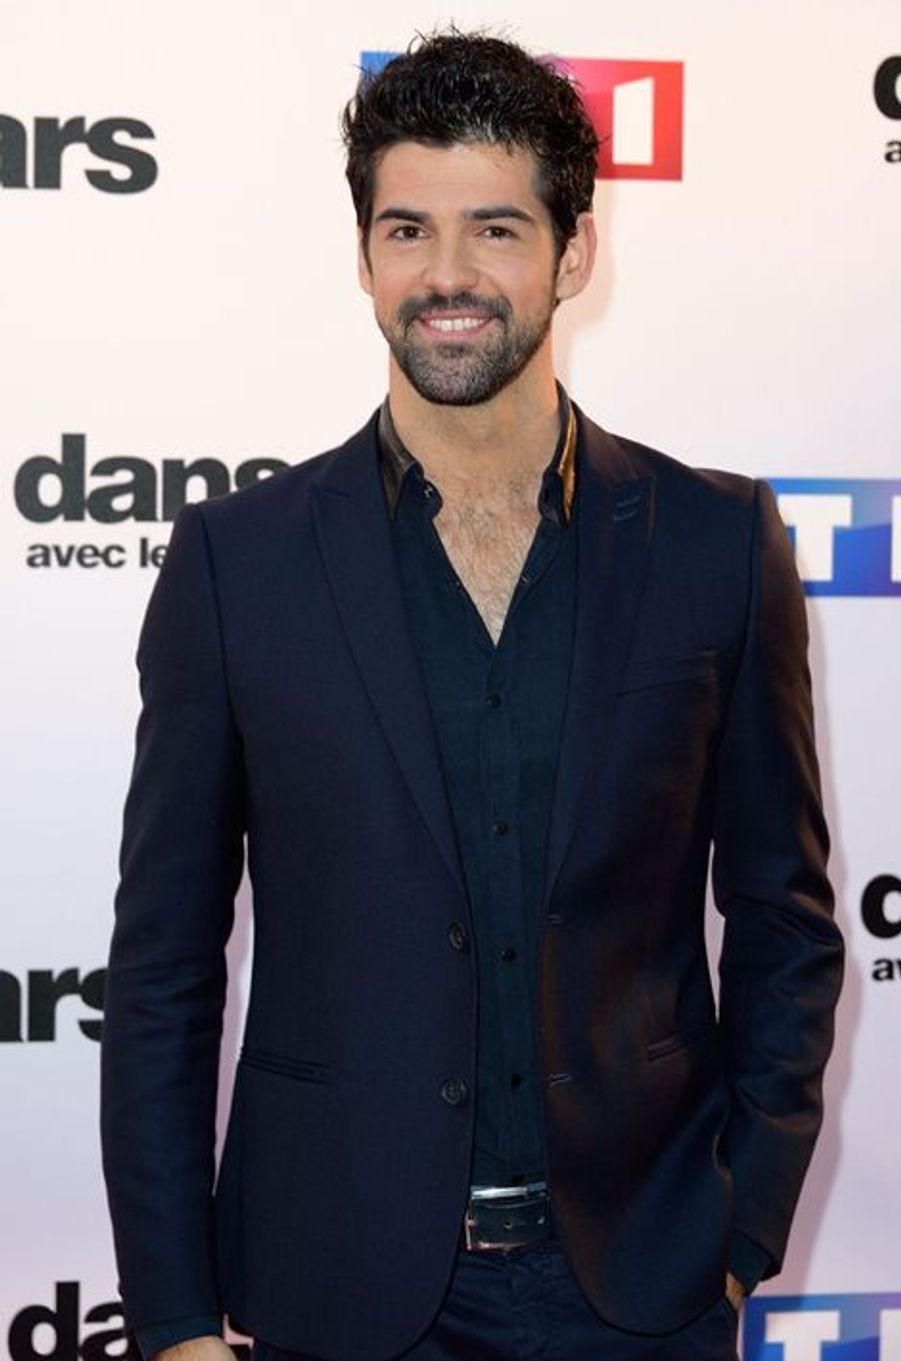 Danse avec les stars 5 : le comédien Miguel Angel Munoz